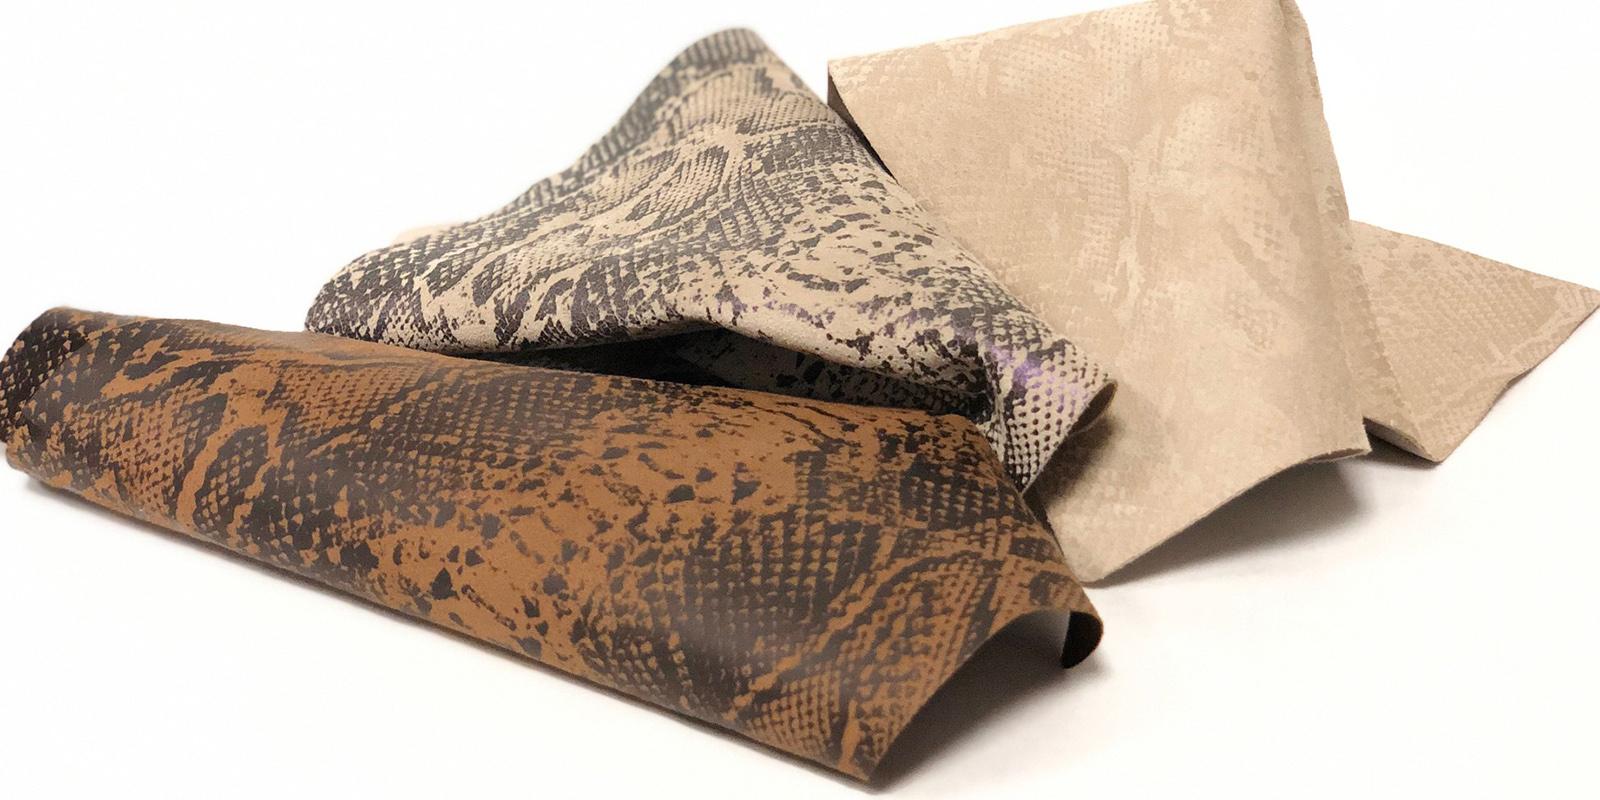 Disegni termoadesivi trasparenti per pelli e tessuti